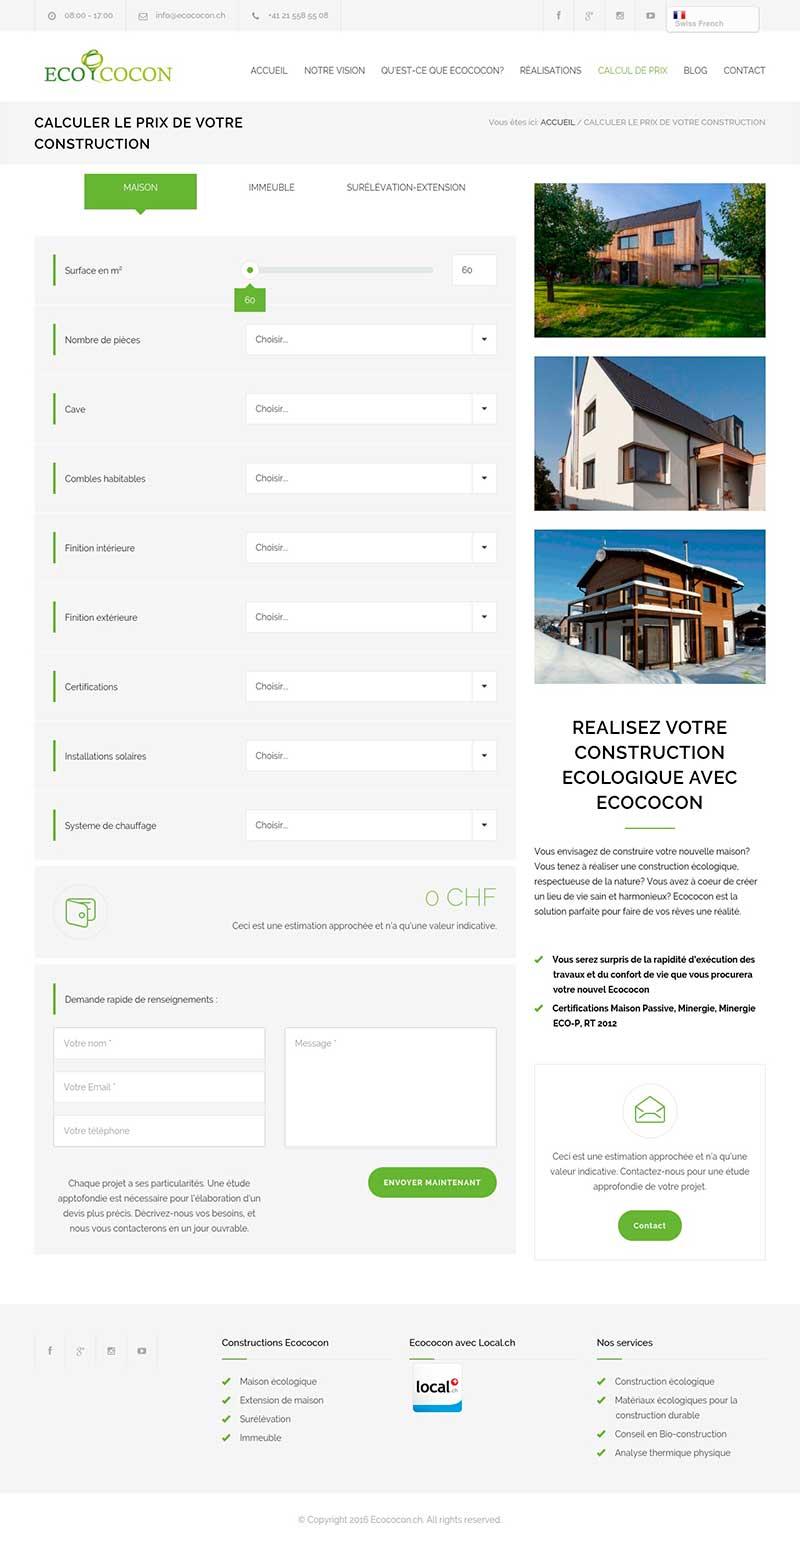 Agencia Sidecar ecococon-agencia-sidecar-marketing-digital-creacion-web-wordpress-calculadora EcoCocon